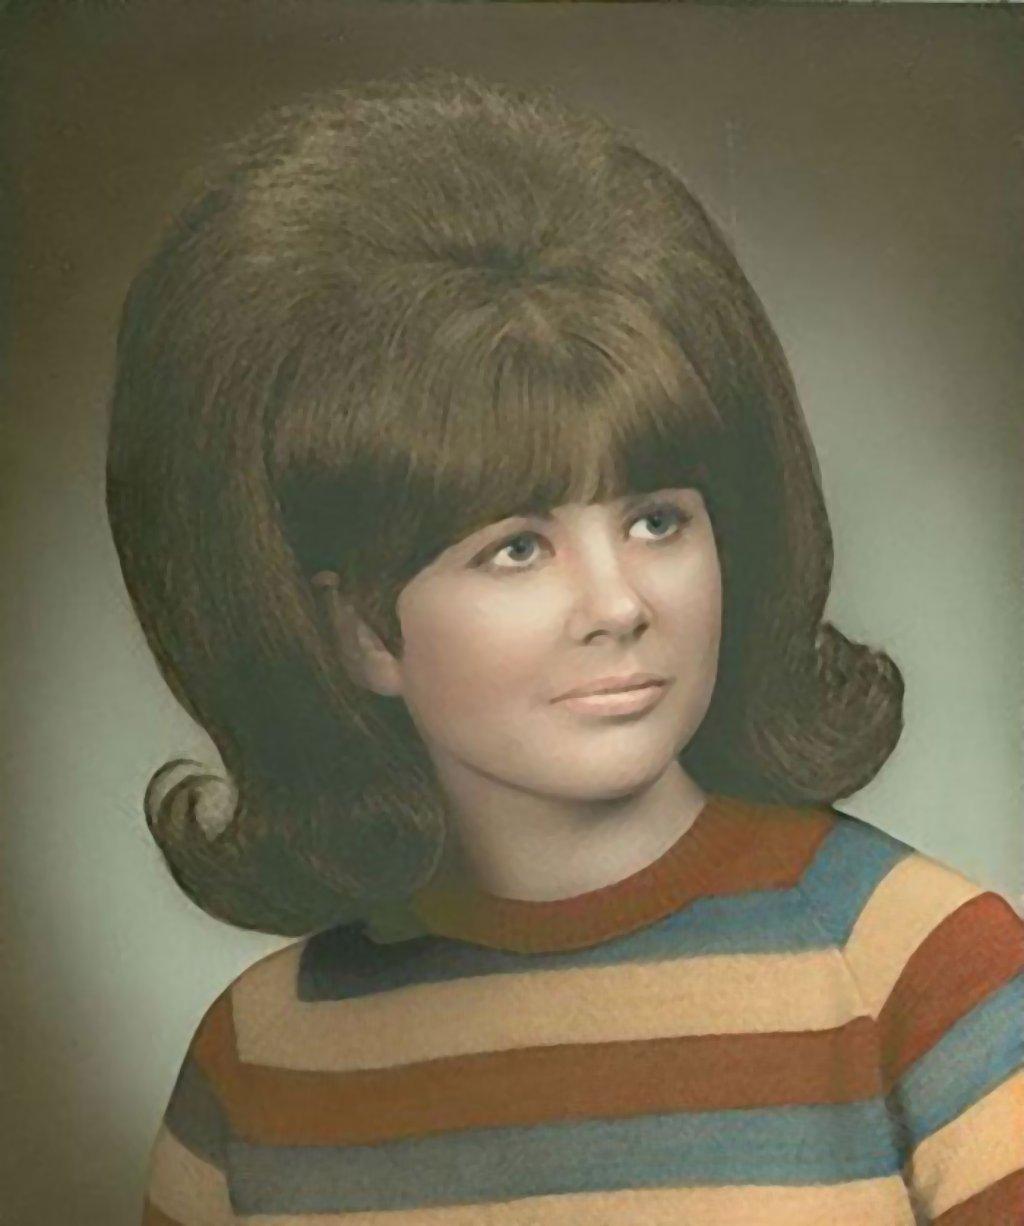 As mulheres pareciam ter mais cabelo do que cabeça nos icônicos penteados dos anos 60 01